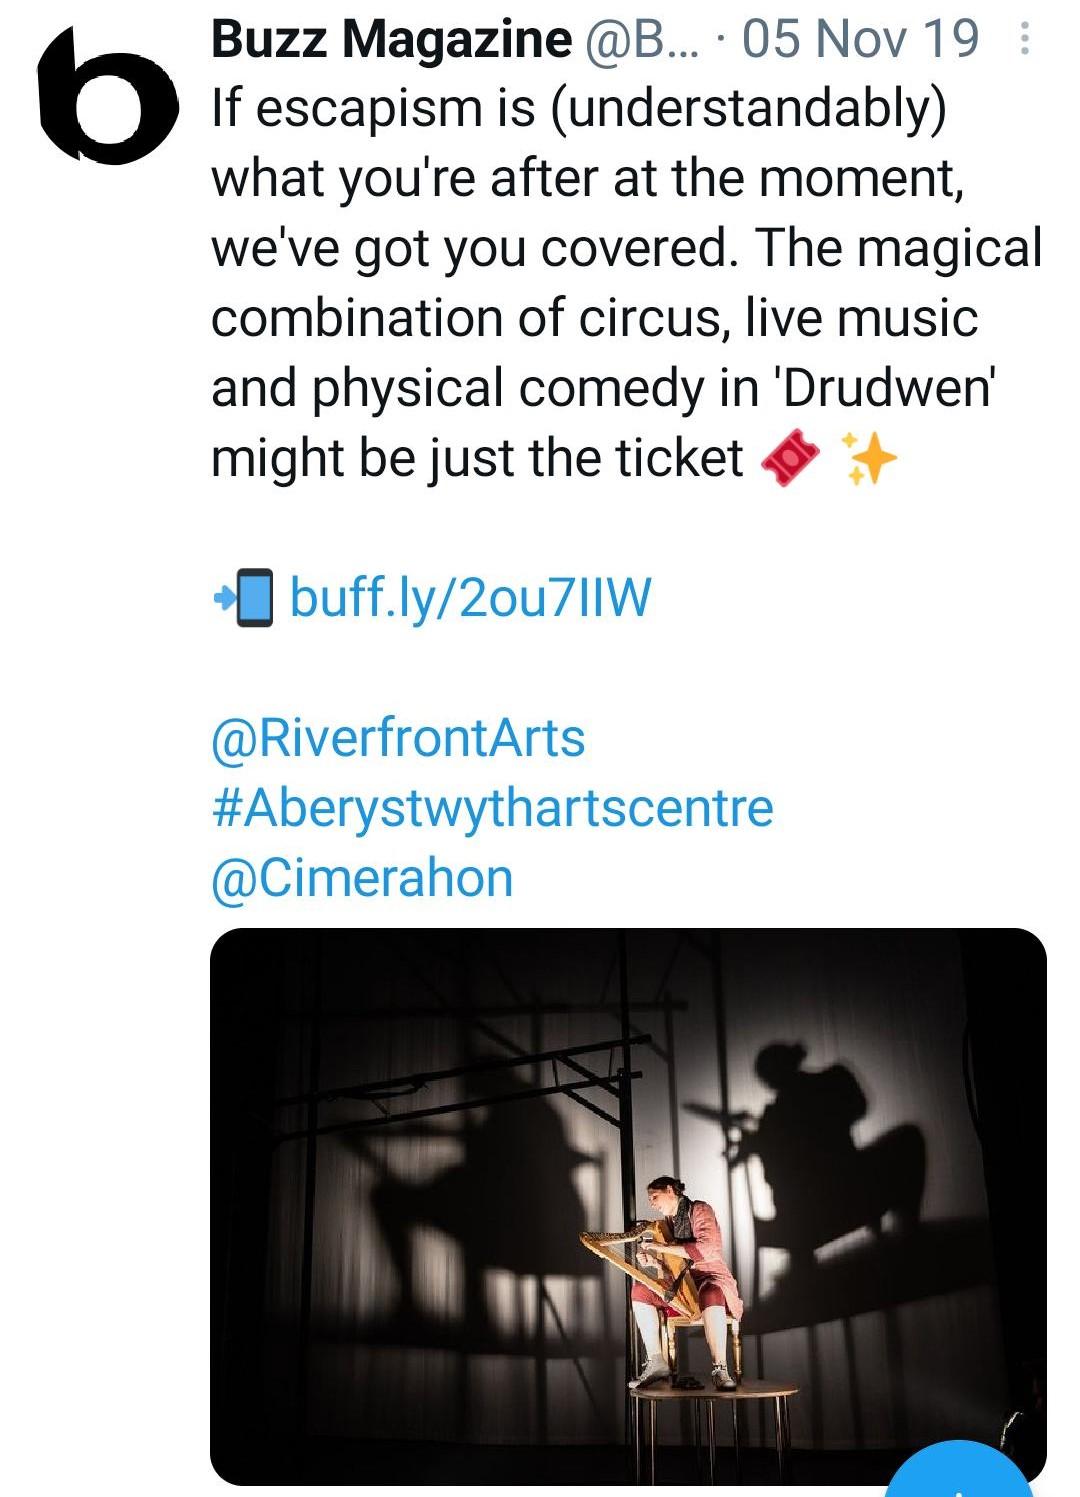 Buzz Magazine tweet about Drudwen